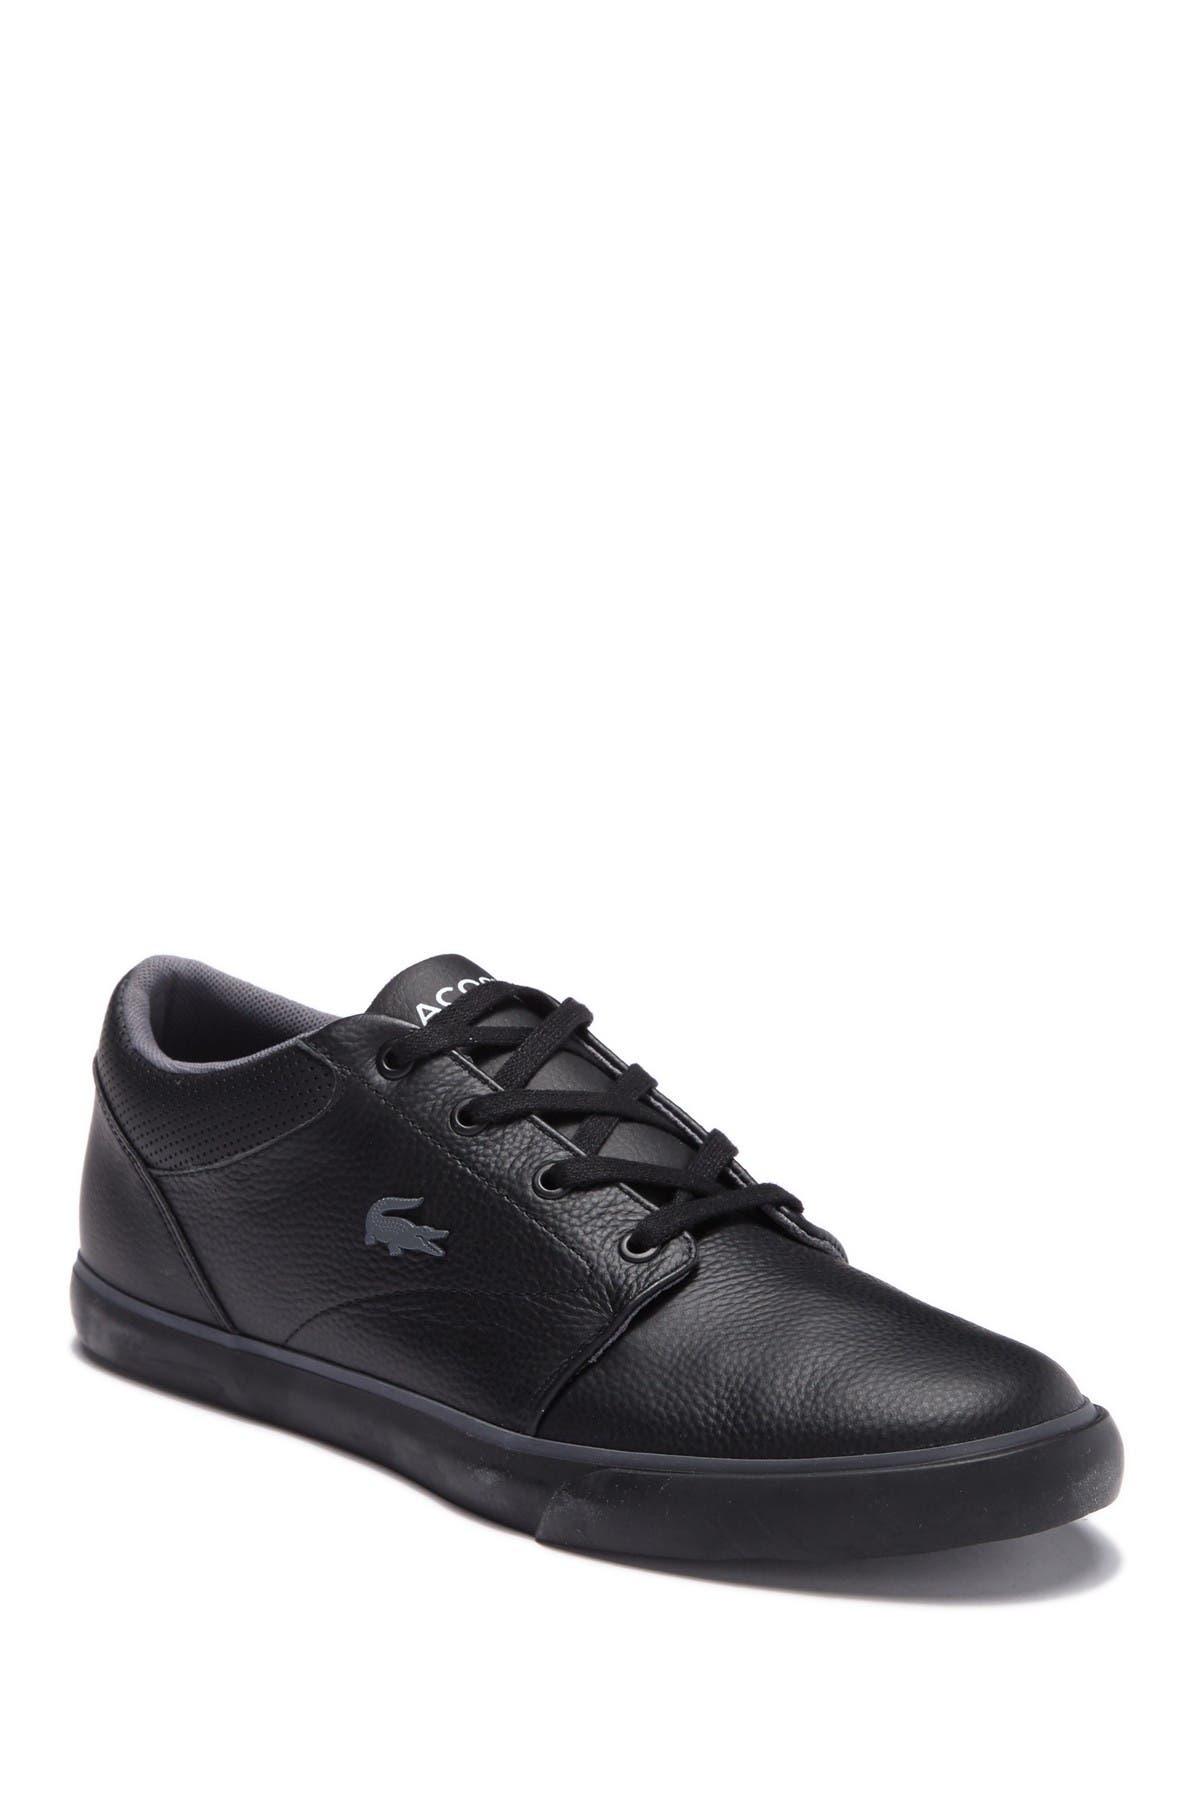 Lacoste | Minzah 119 Leather Sneaker